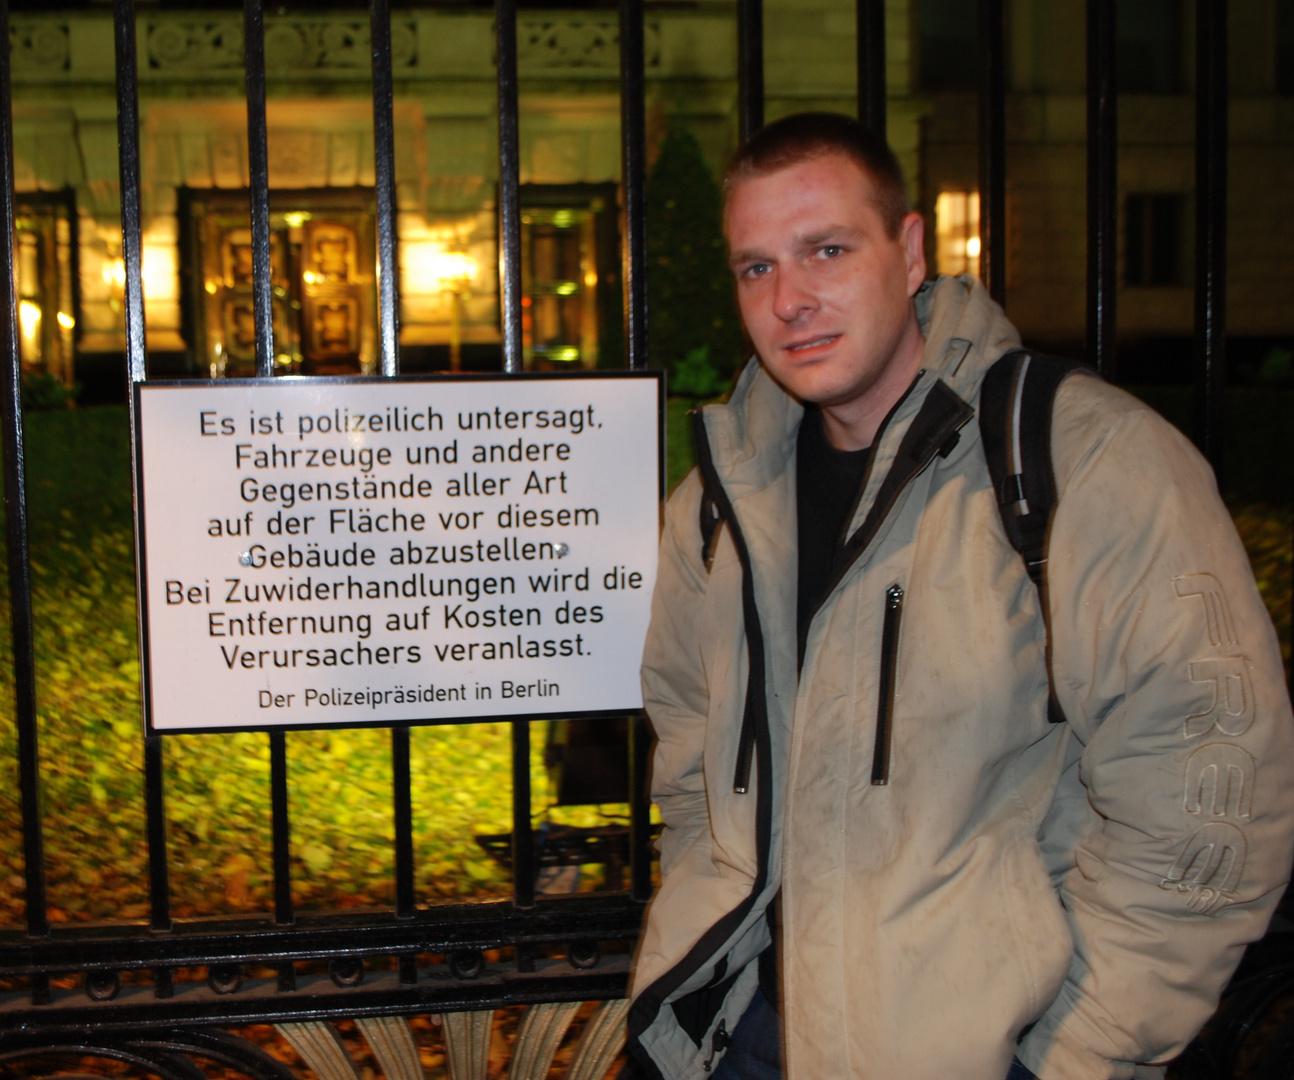 Betteln und hausieren verboten...